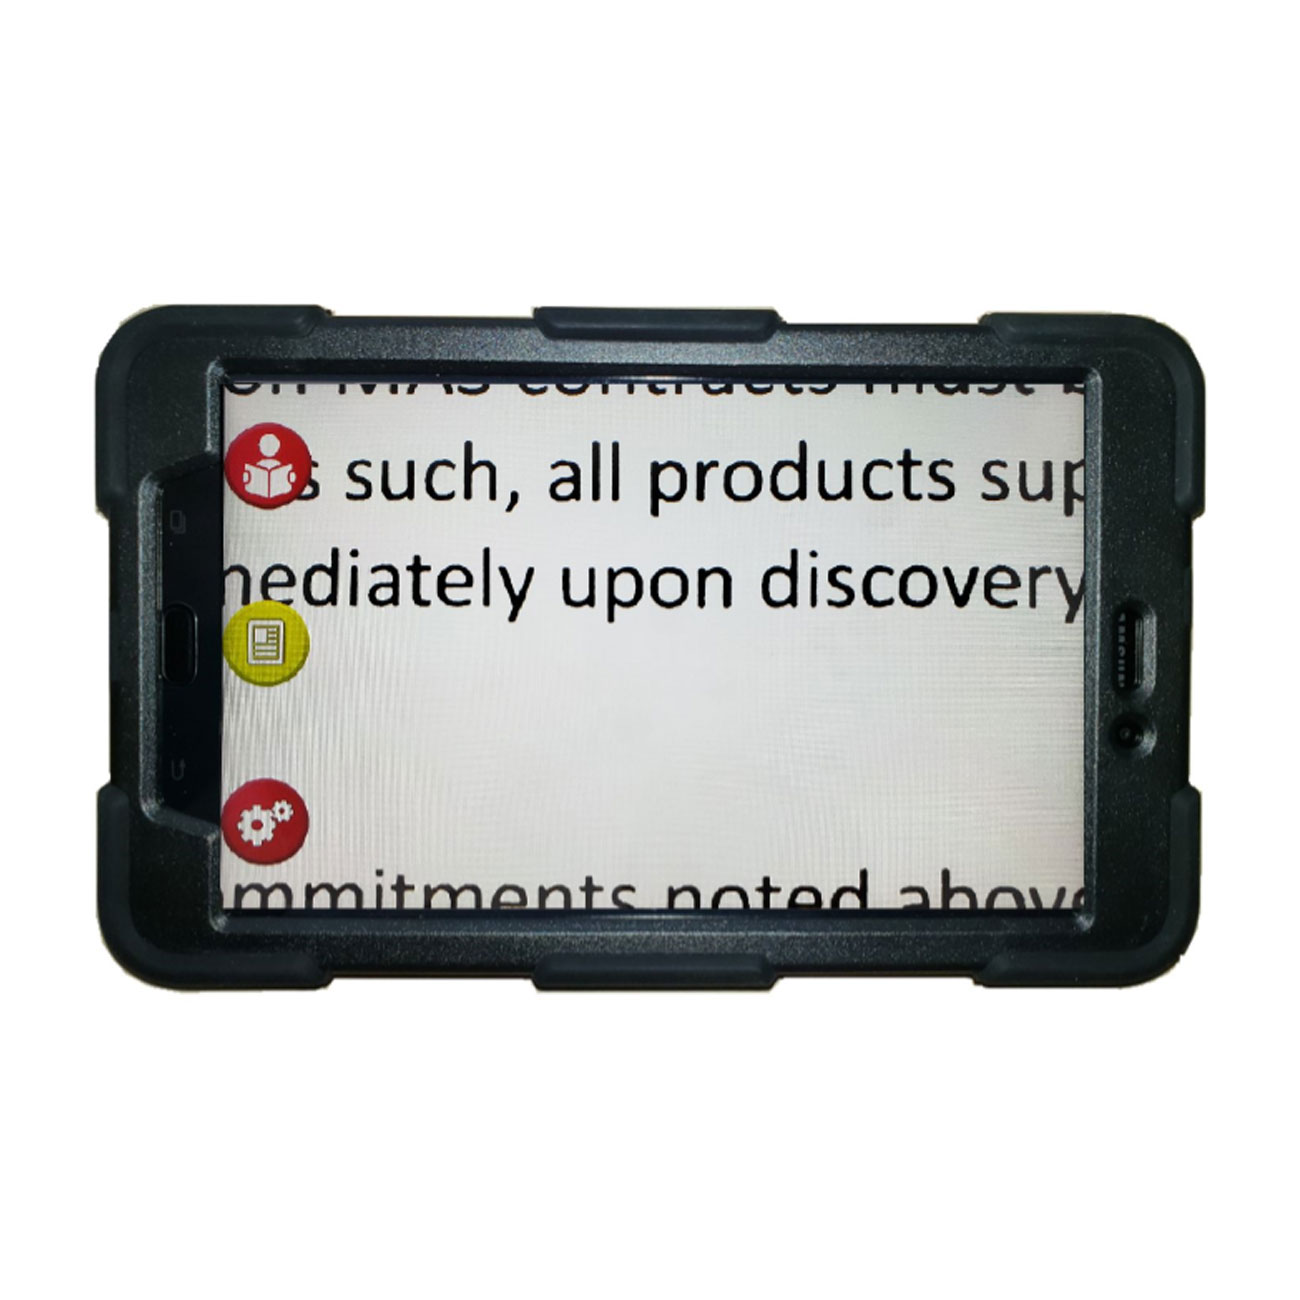 Mercury 8 Handheld Magnifier with Speech